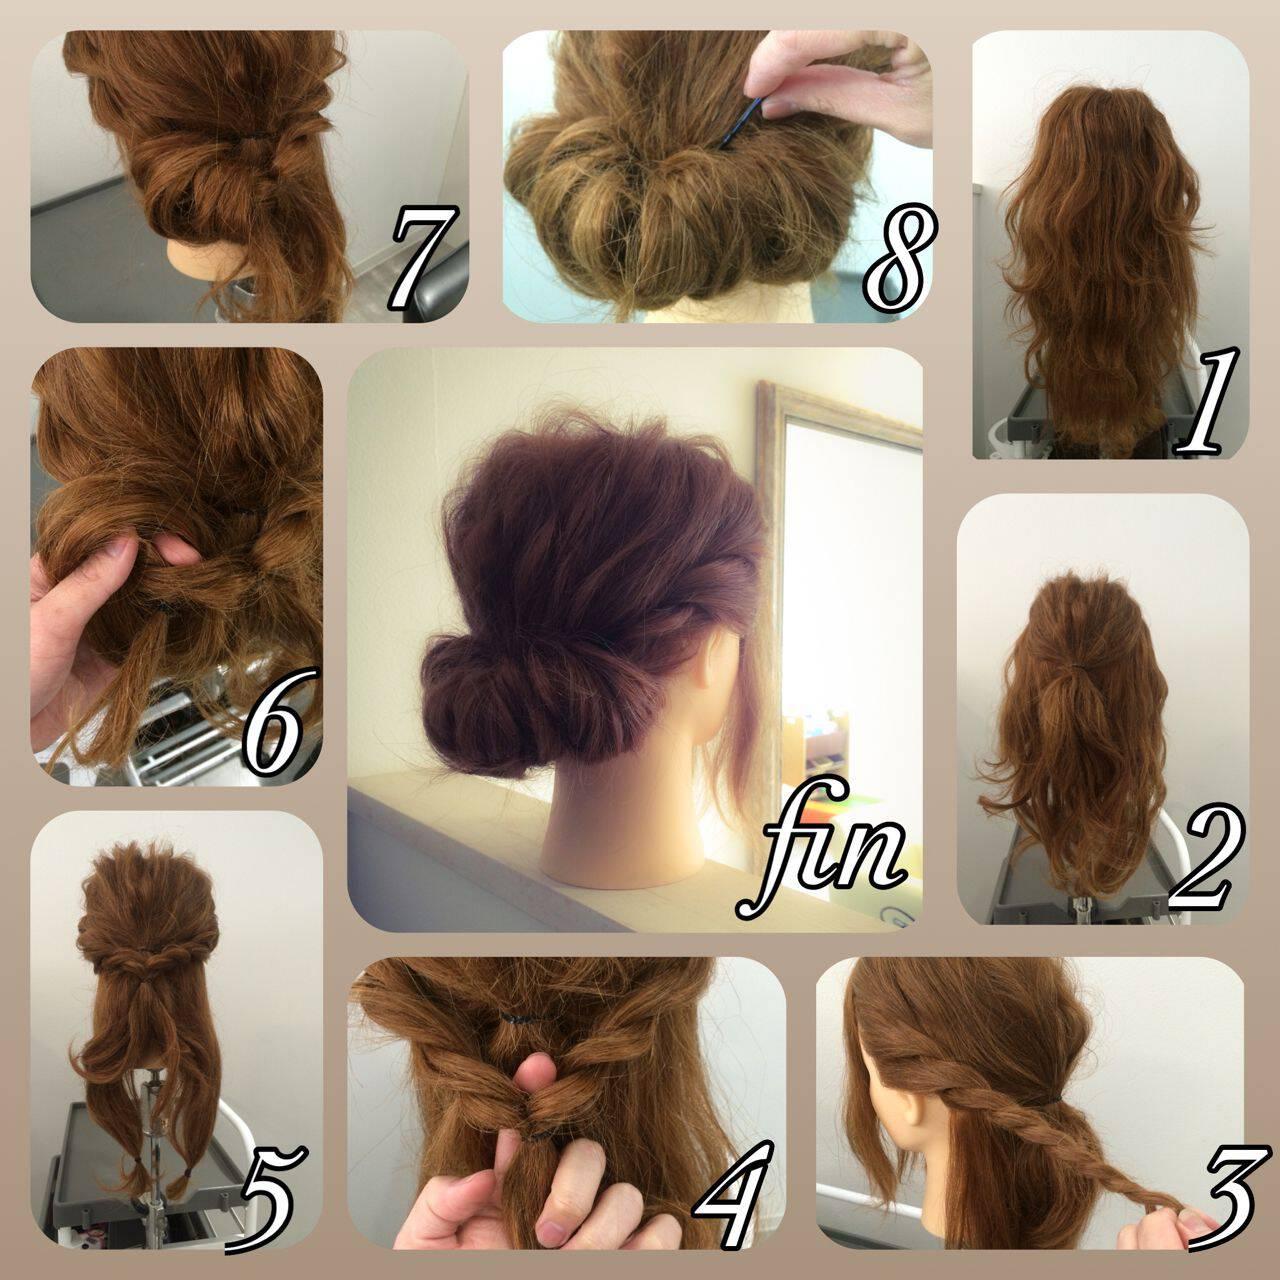 ショート ねじり ヘアアレンジ 簡単ヘアアレンジヘアスタイルや髪型の写真・画像